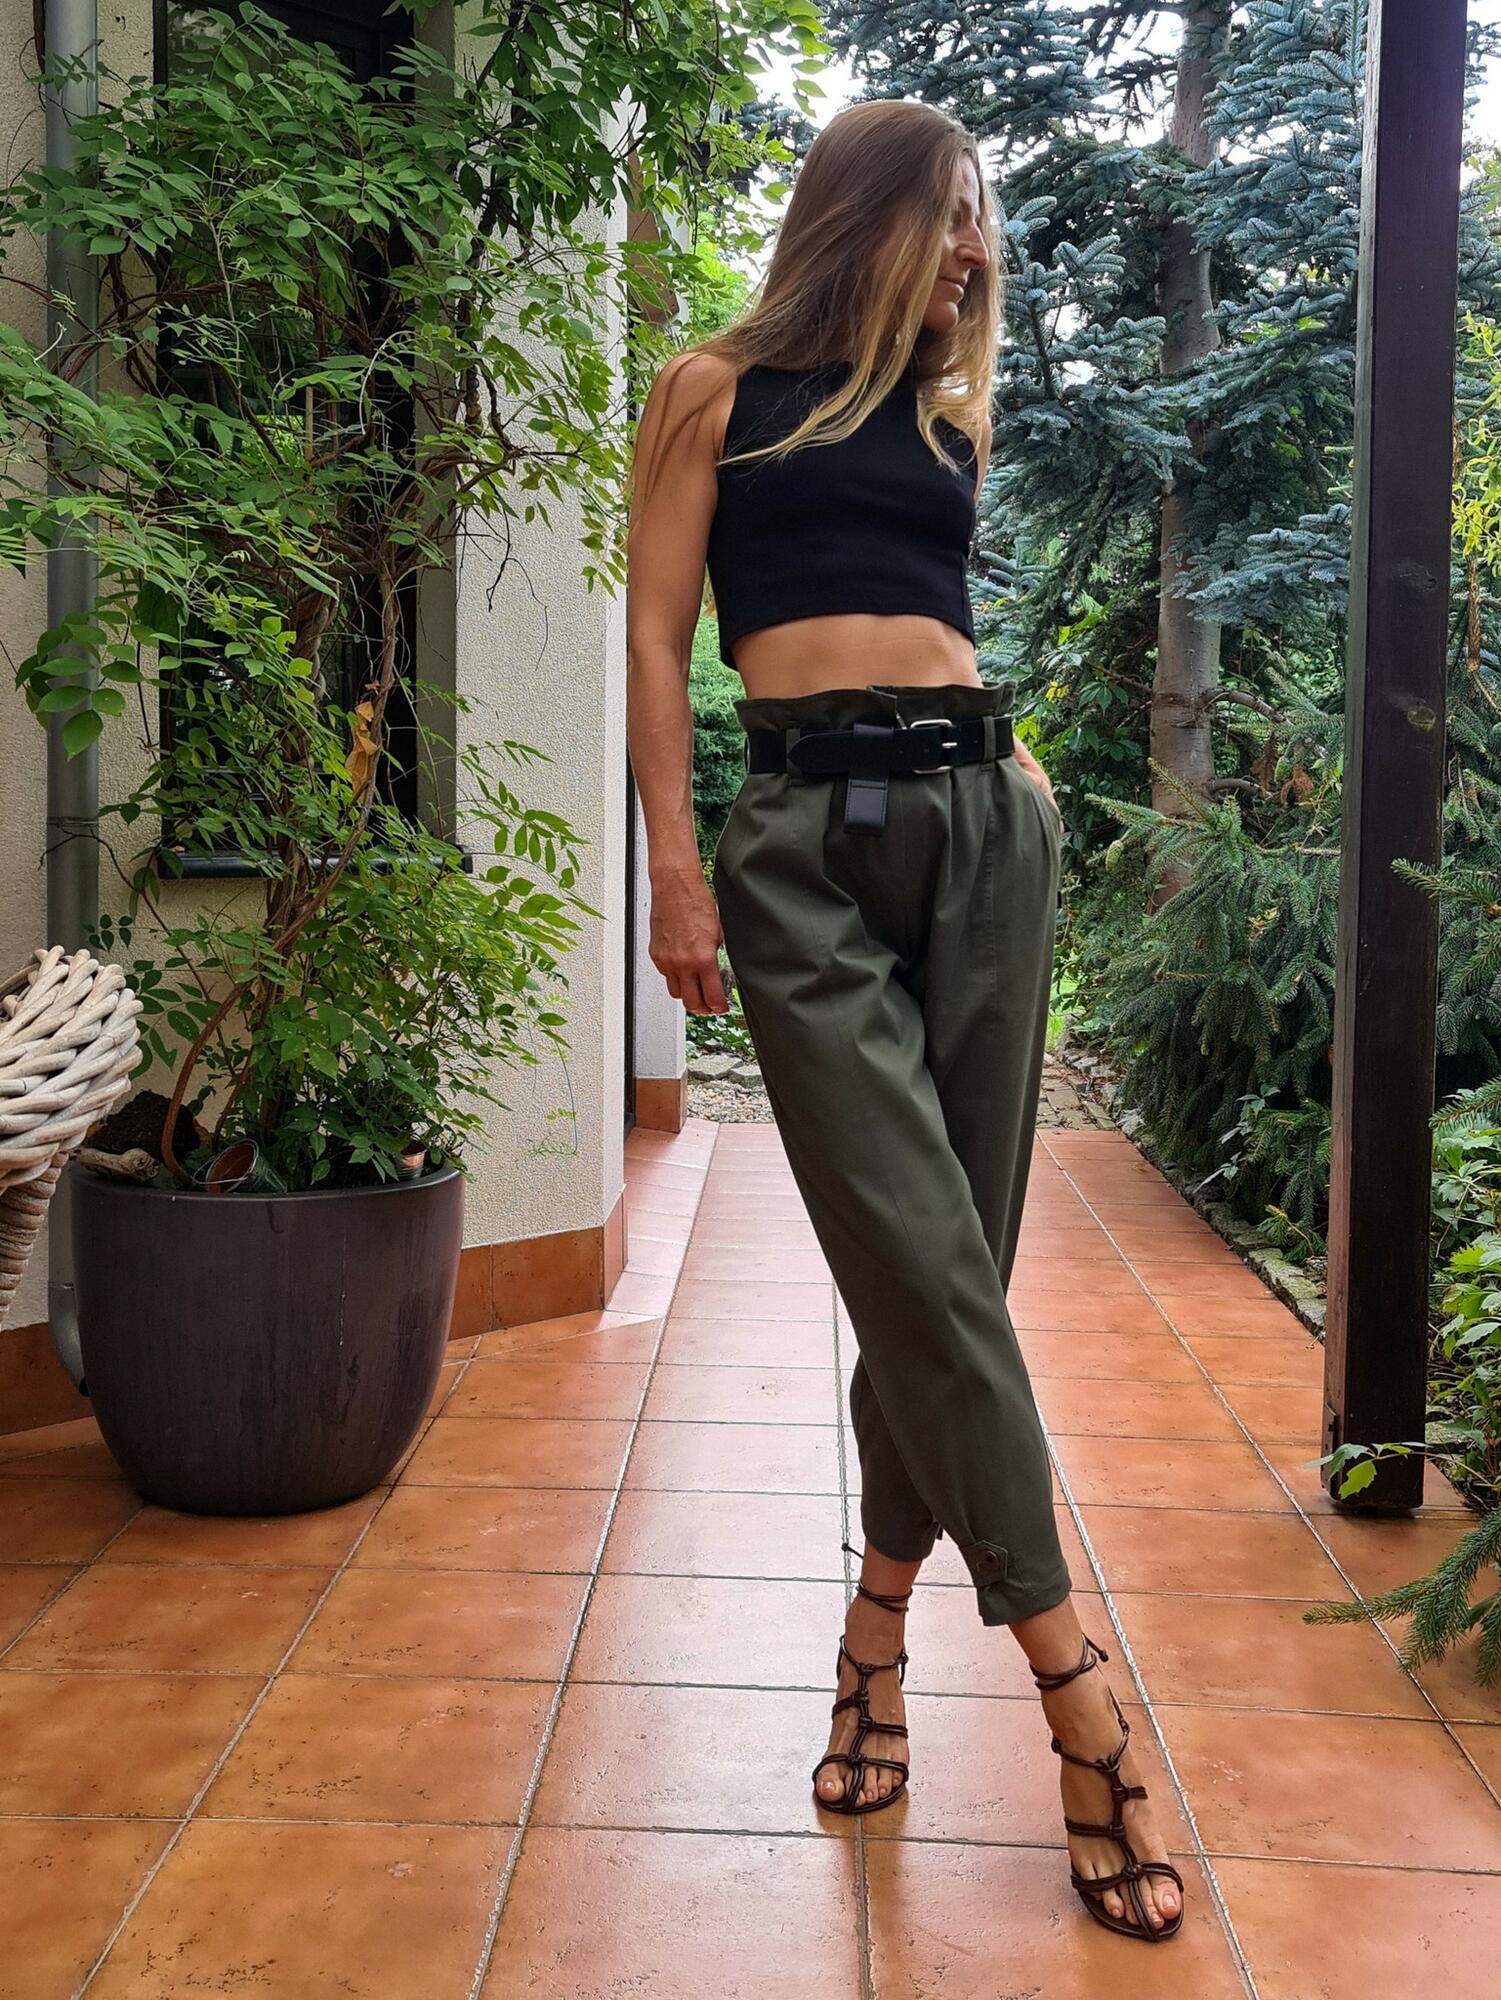 Spodnie Rosemary - Renegade   JestemSlow.pl